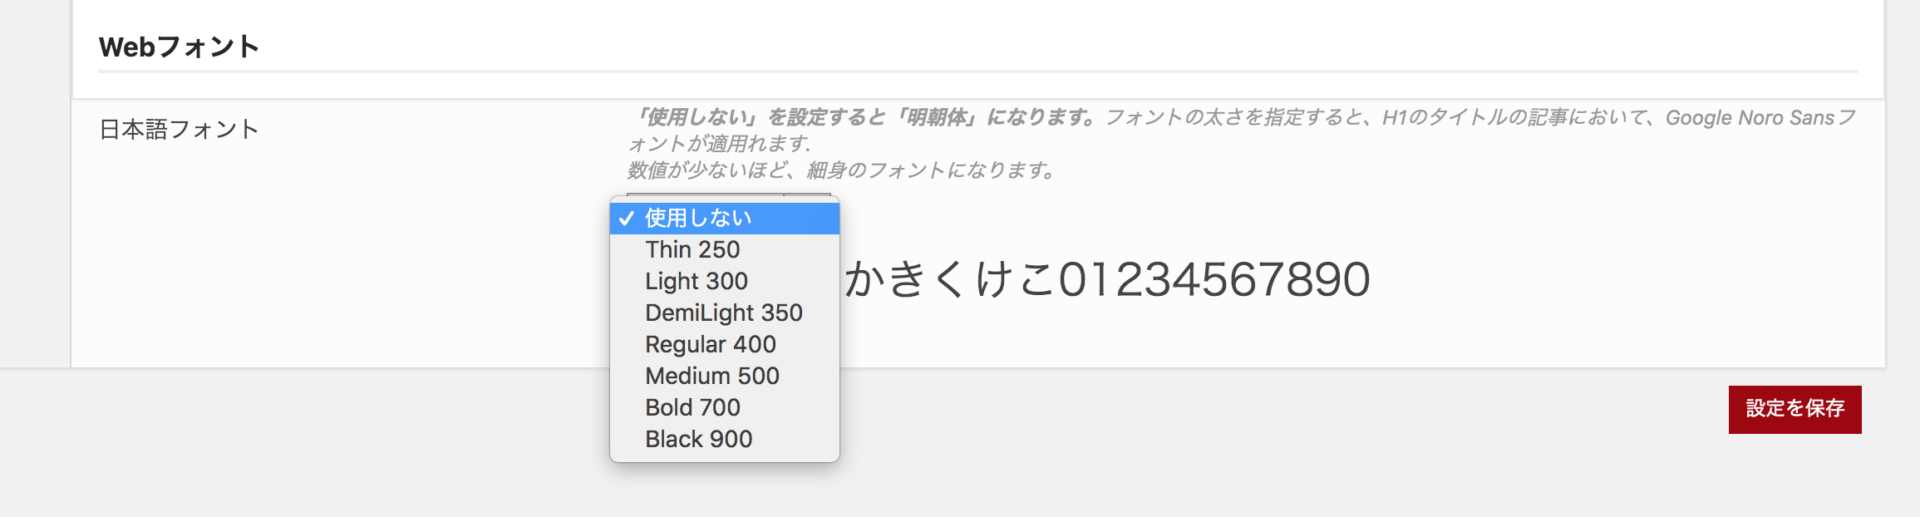 日本語Webフォント+12Google Webフォントを指定できます